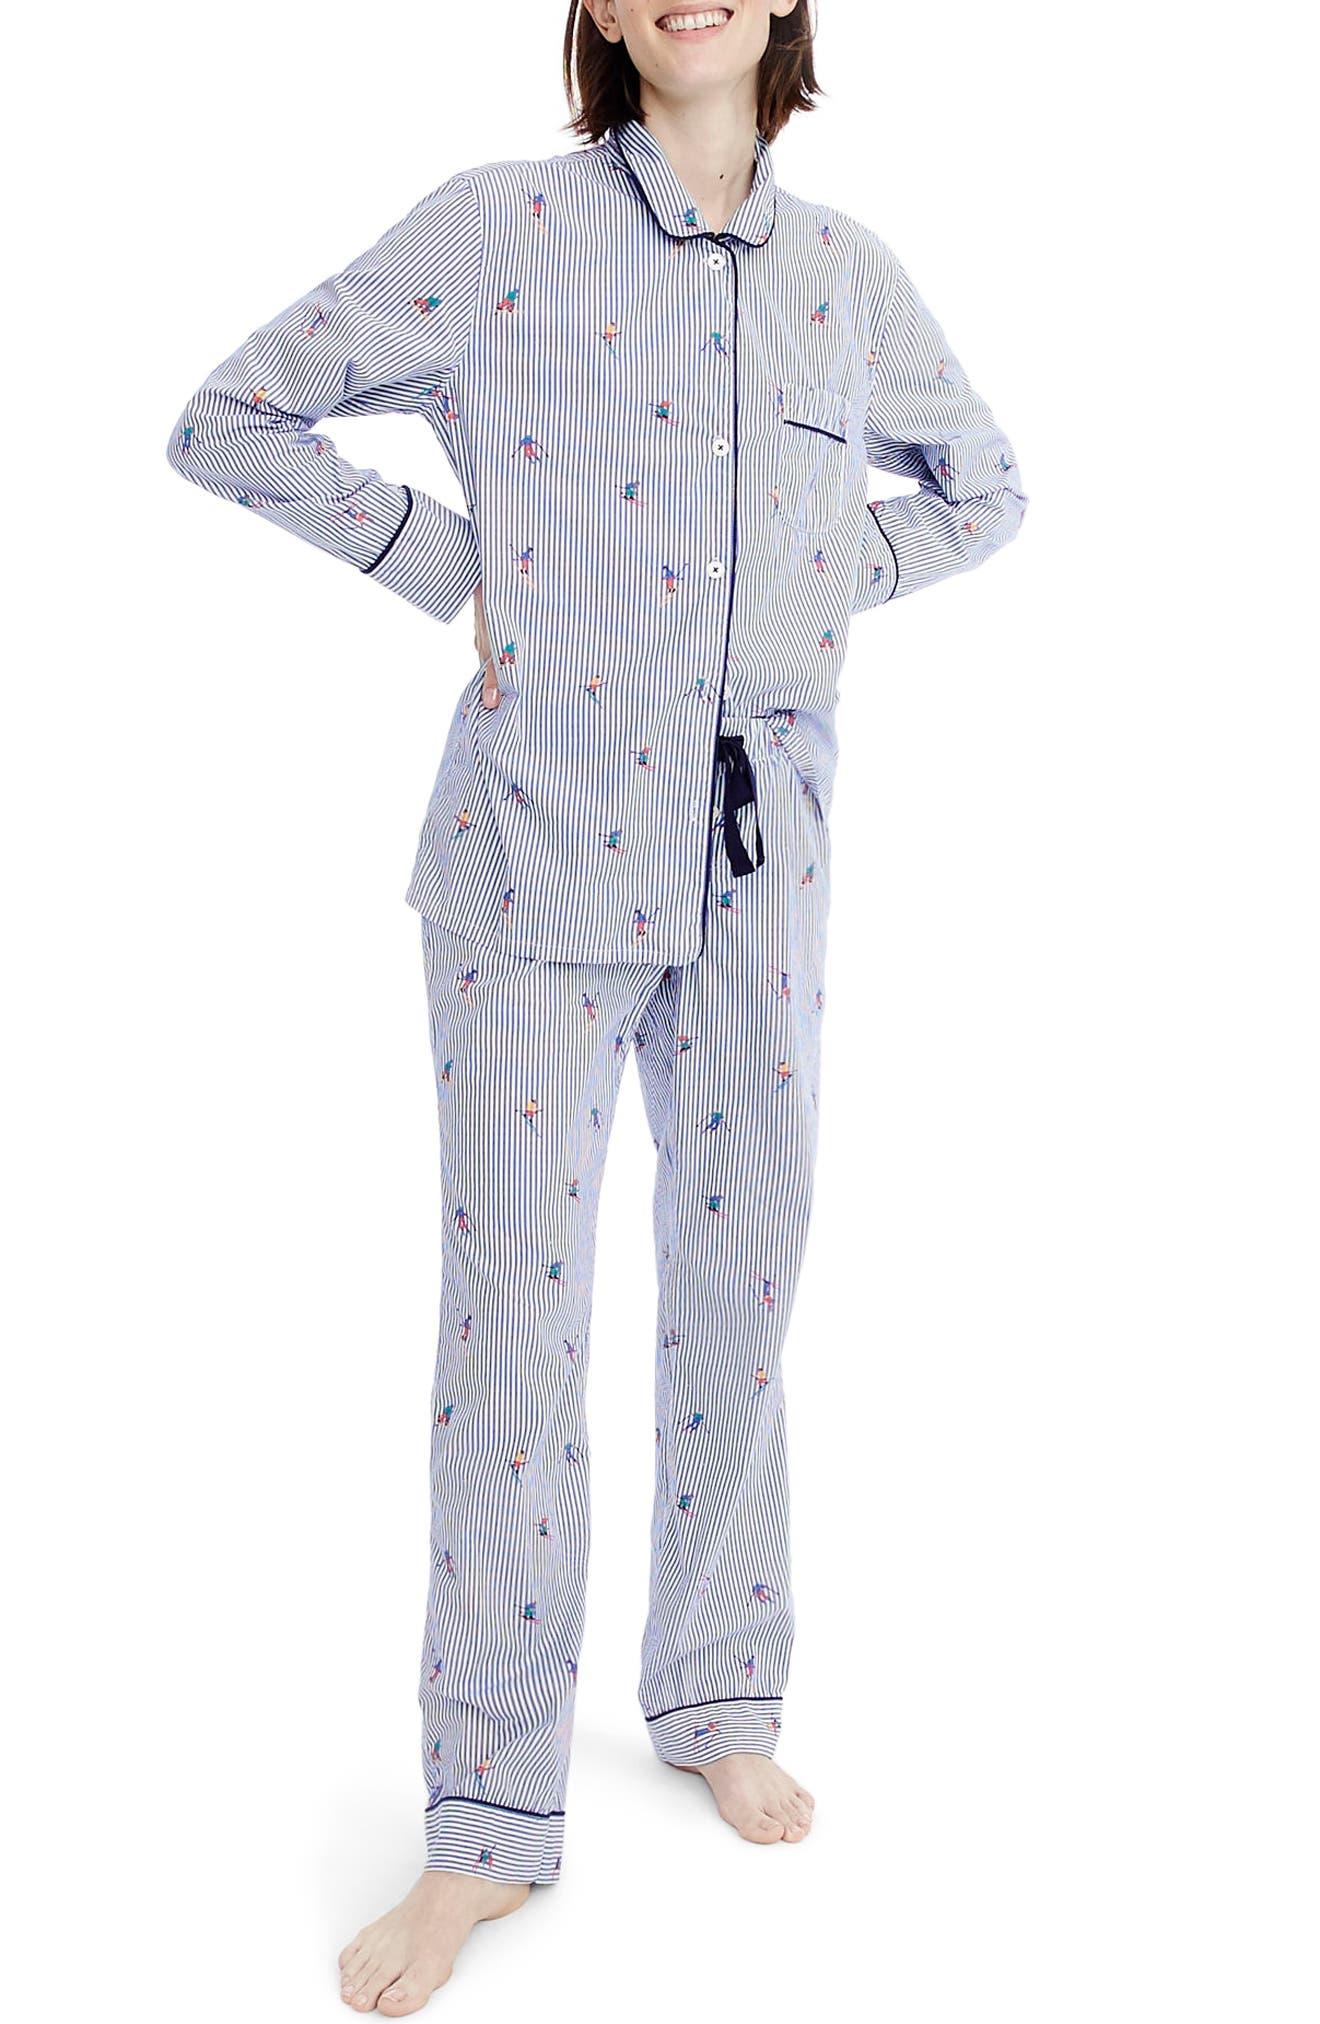 Skier Pajamas,                         Main,                         color, Multi